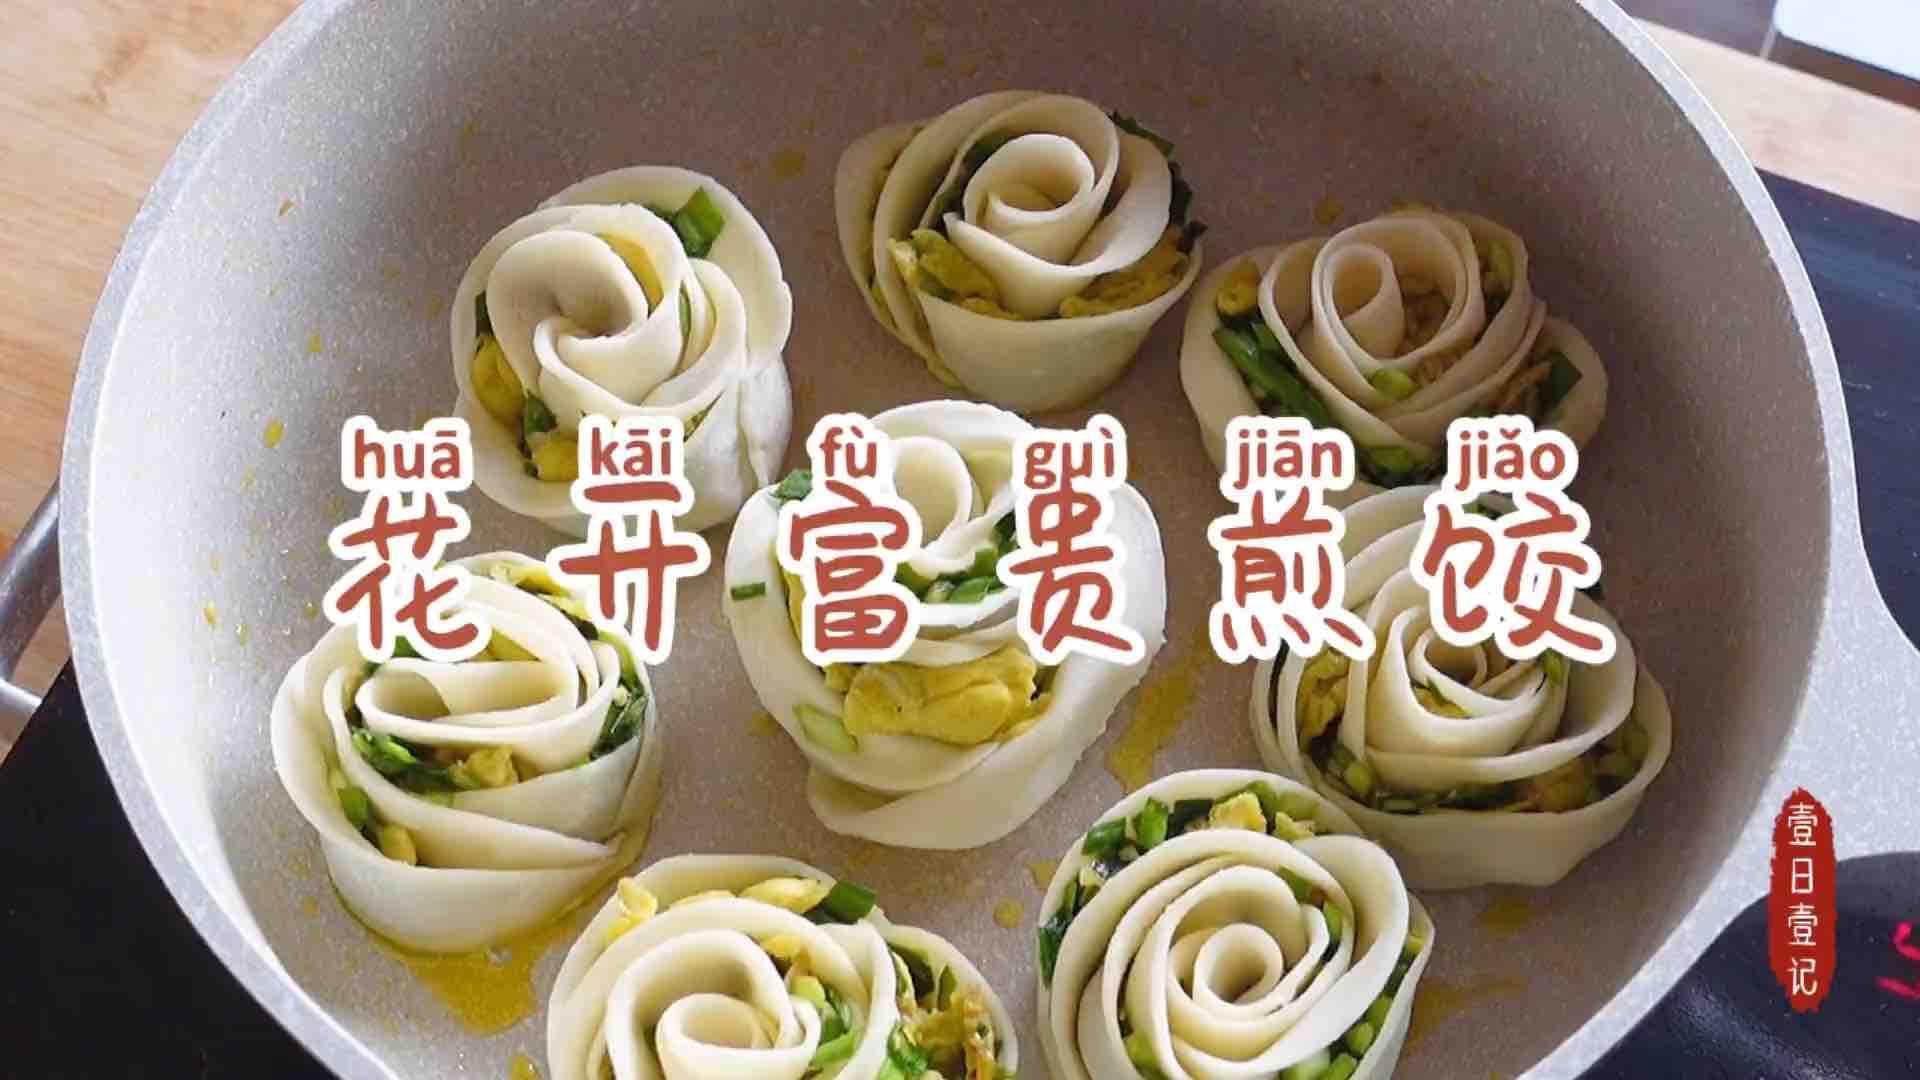 新年开运菜|花开富贵玫瑰花煎饺的做法